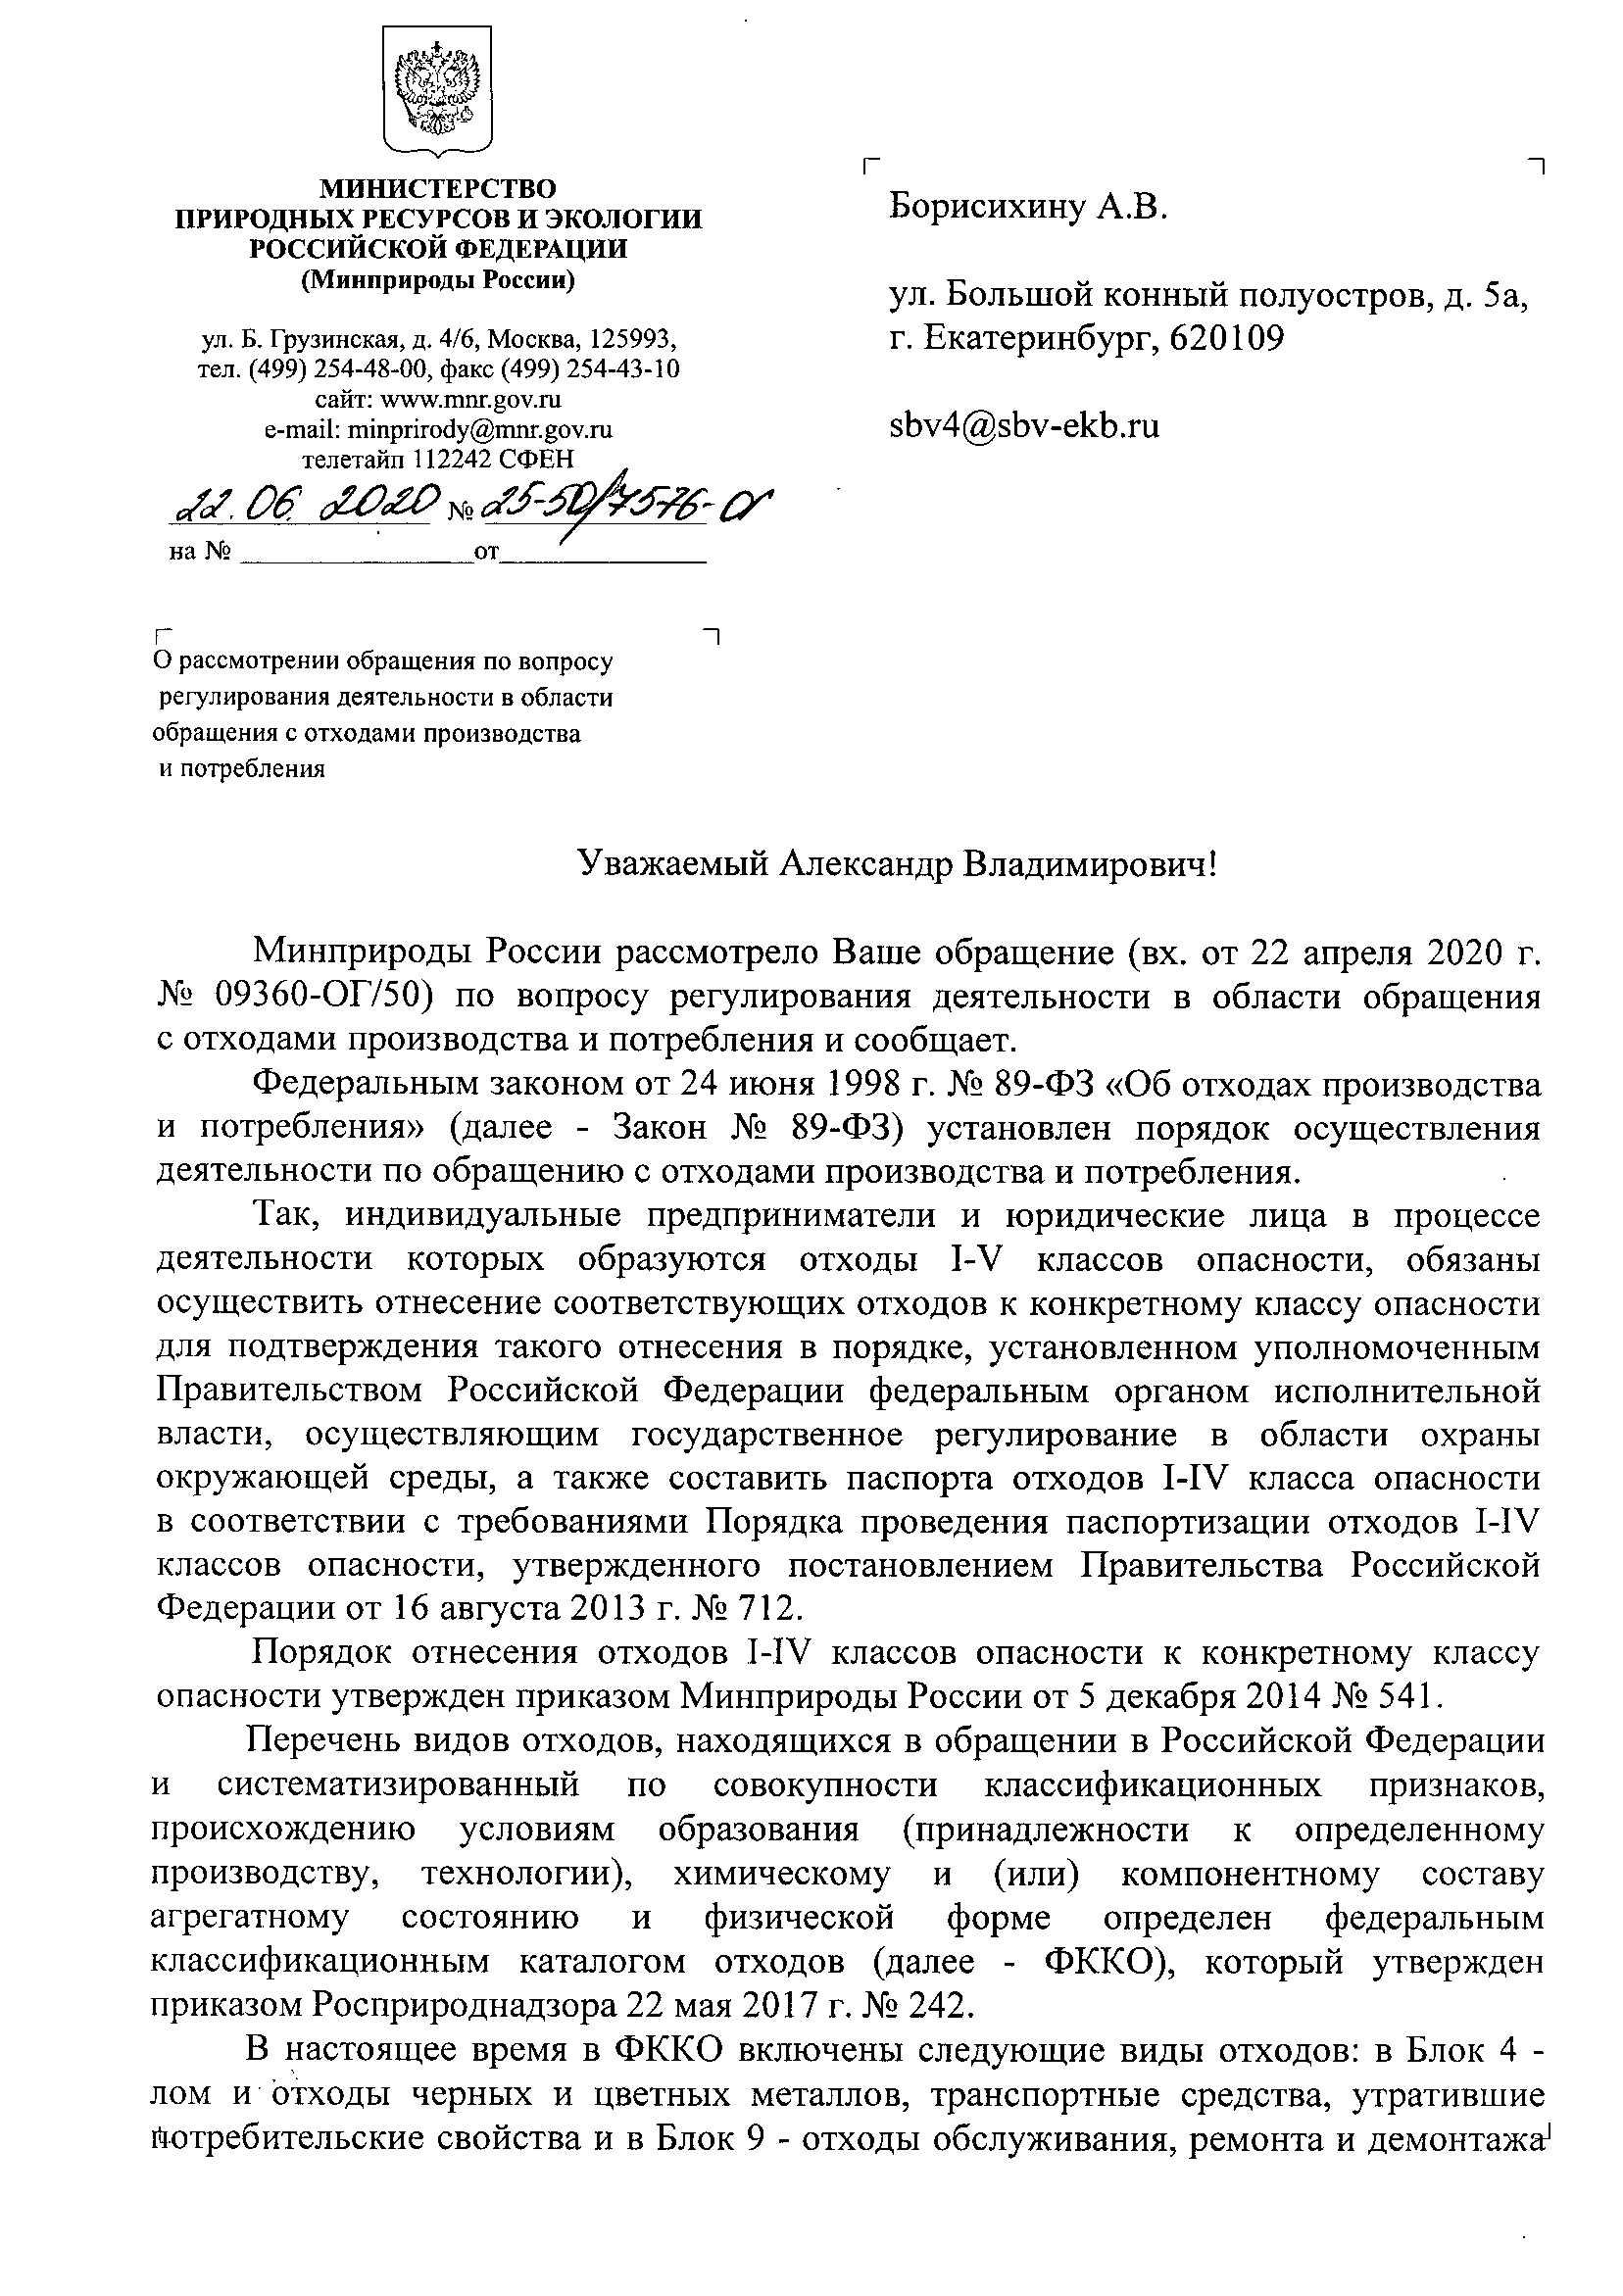 Ответ на обращение по вопросу регулирования деятельности в области обращения с отходами производства и потребления от Министерства природных ресурсов РФ (стр.1)